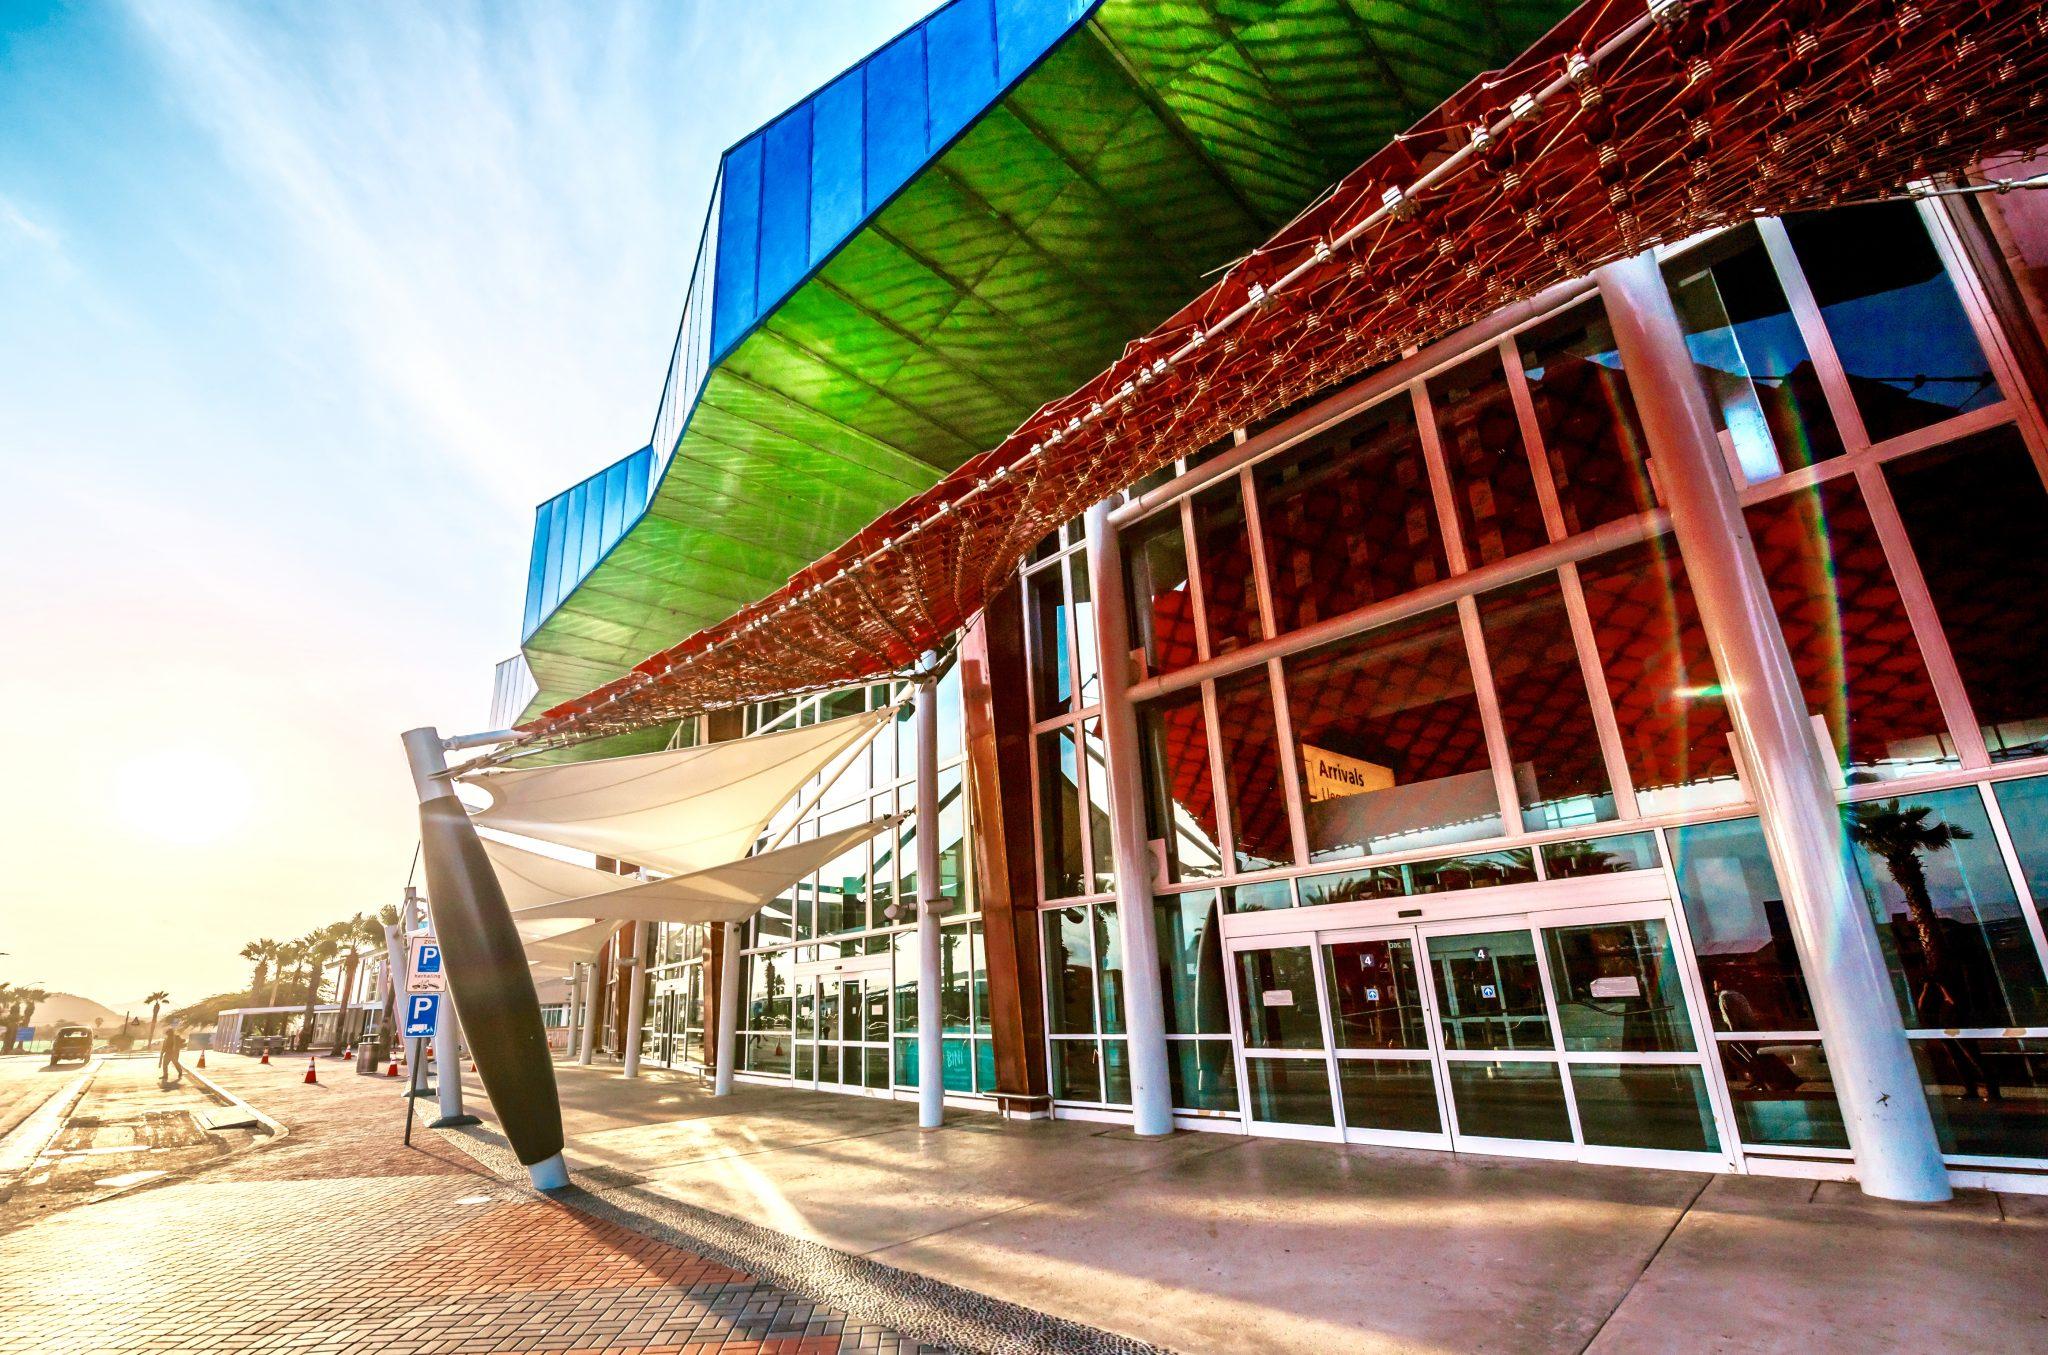 Aruba Airport architecture